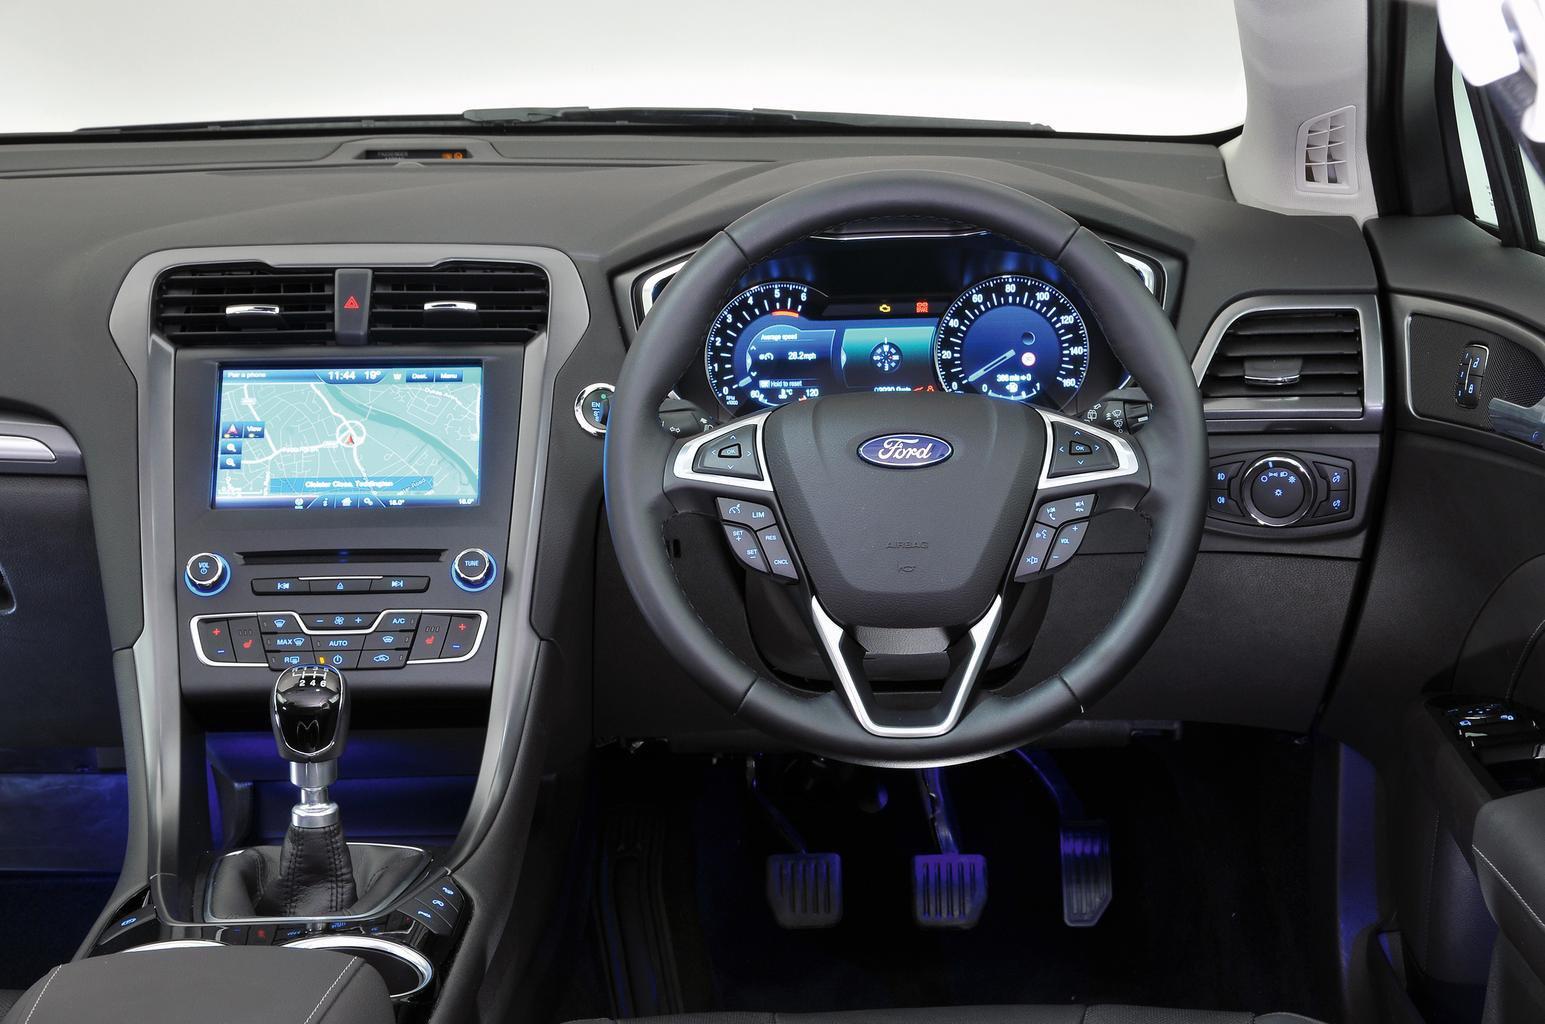 Skoda Superb vs Ford Mondeo vs Volvo S60